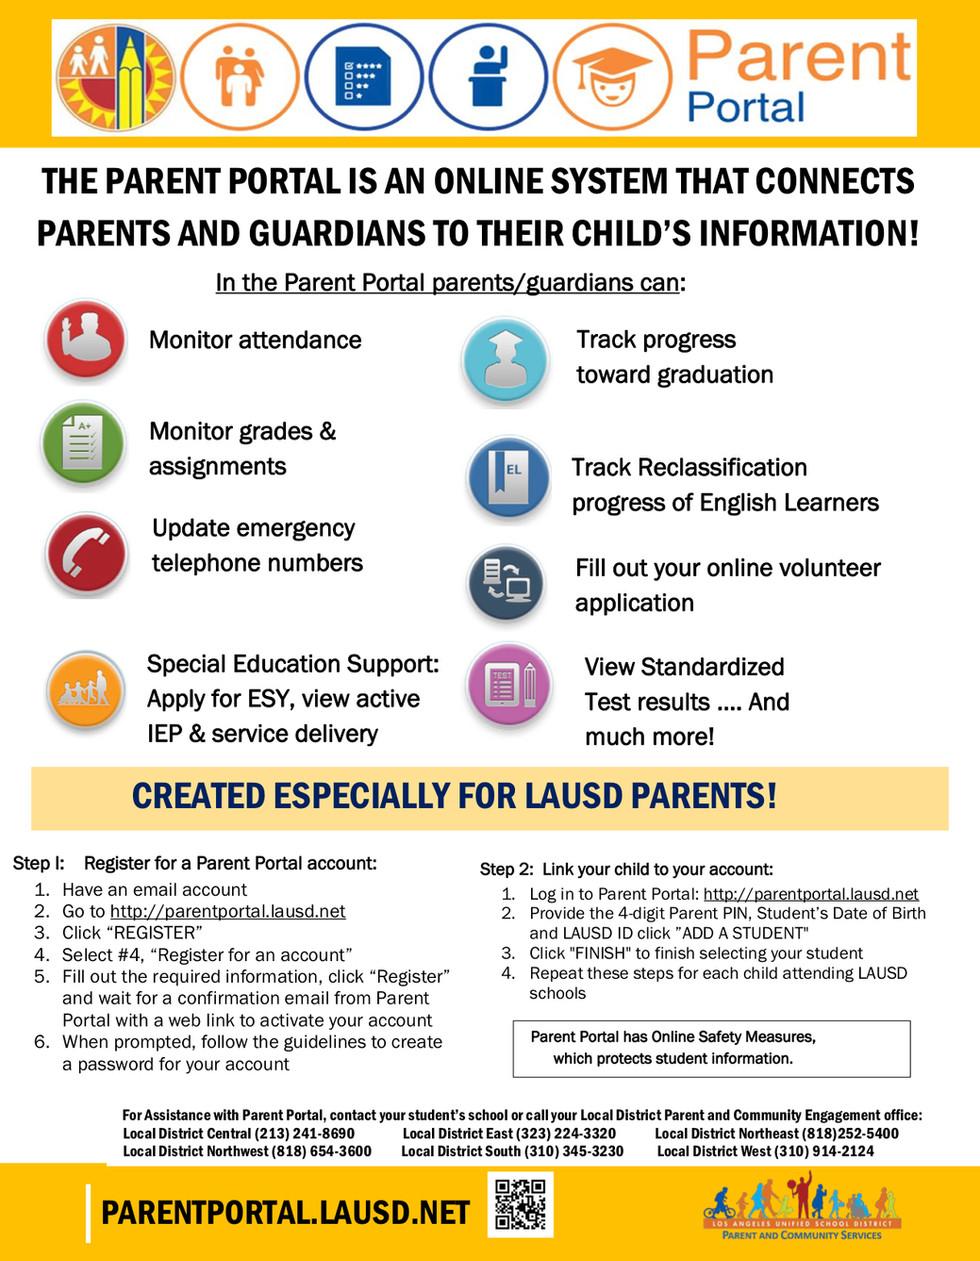 ParentPortalPoster_ENG_SPAN.jpg